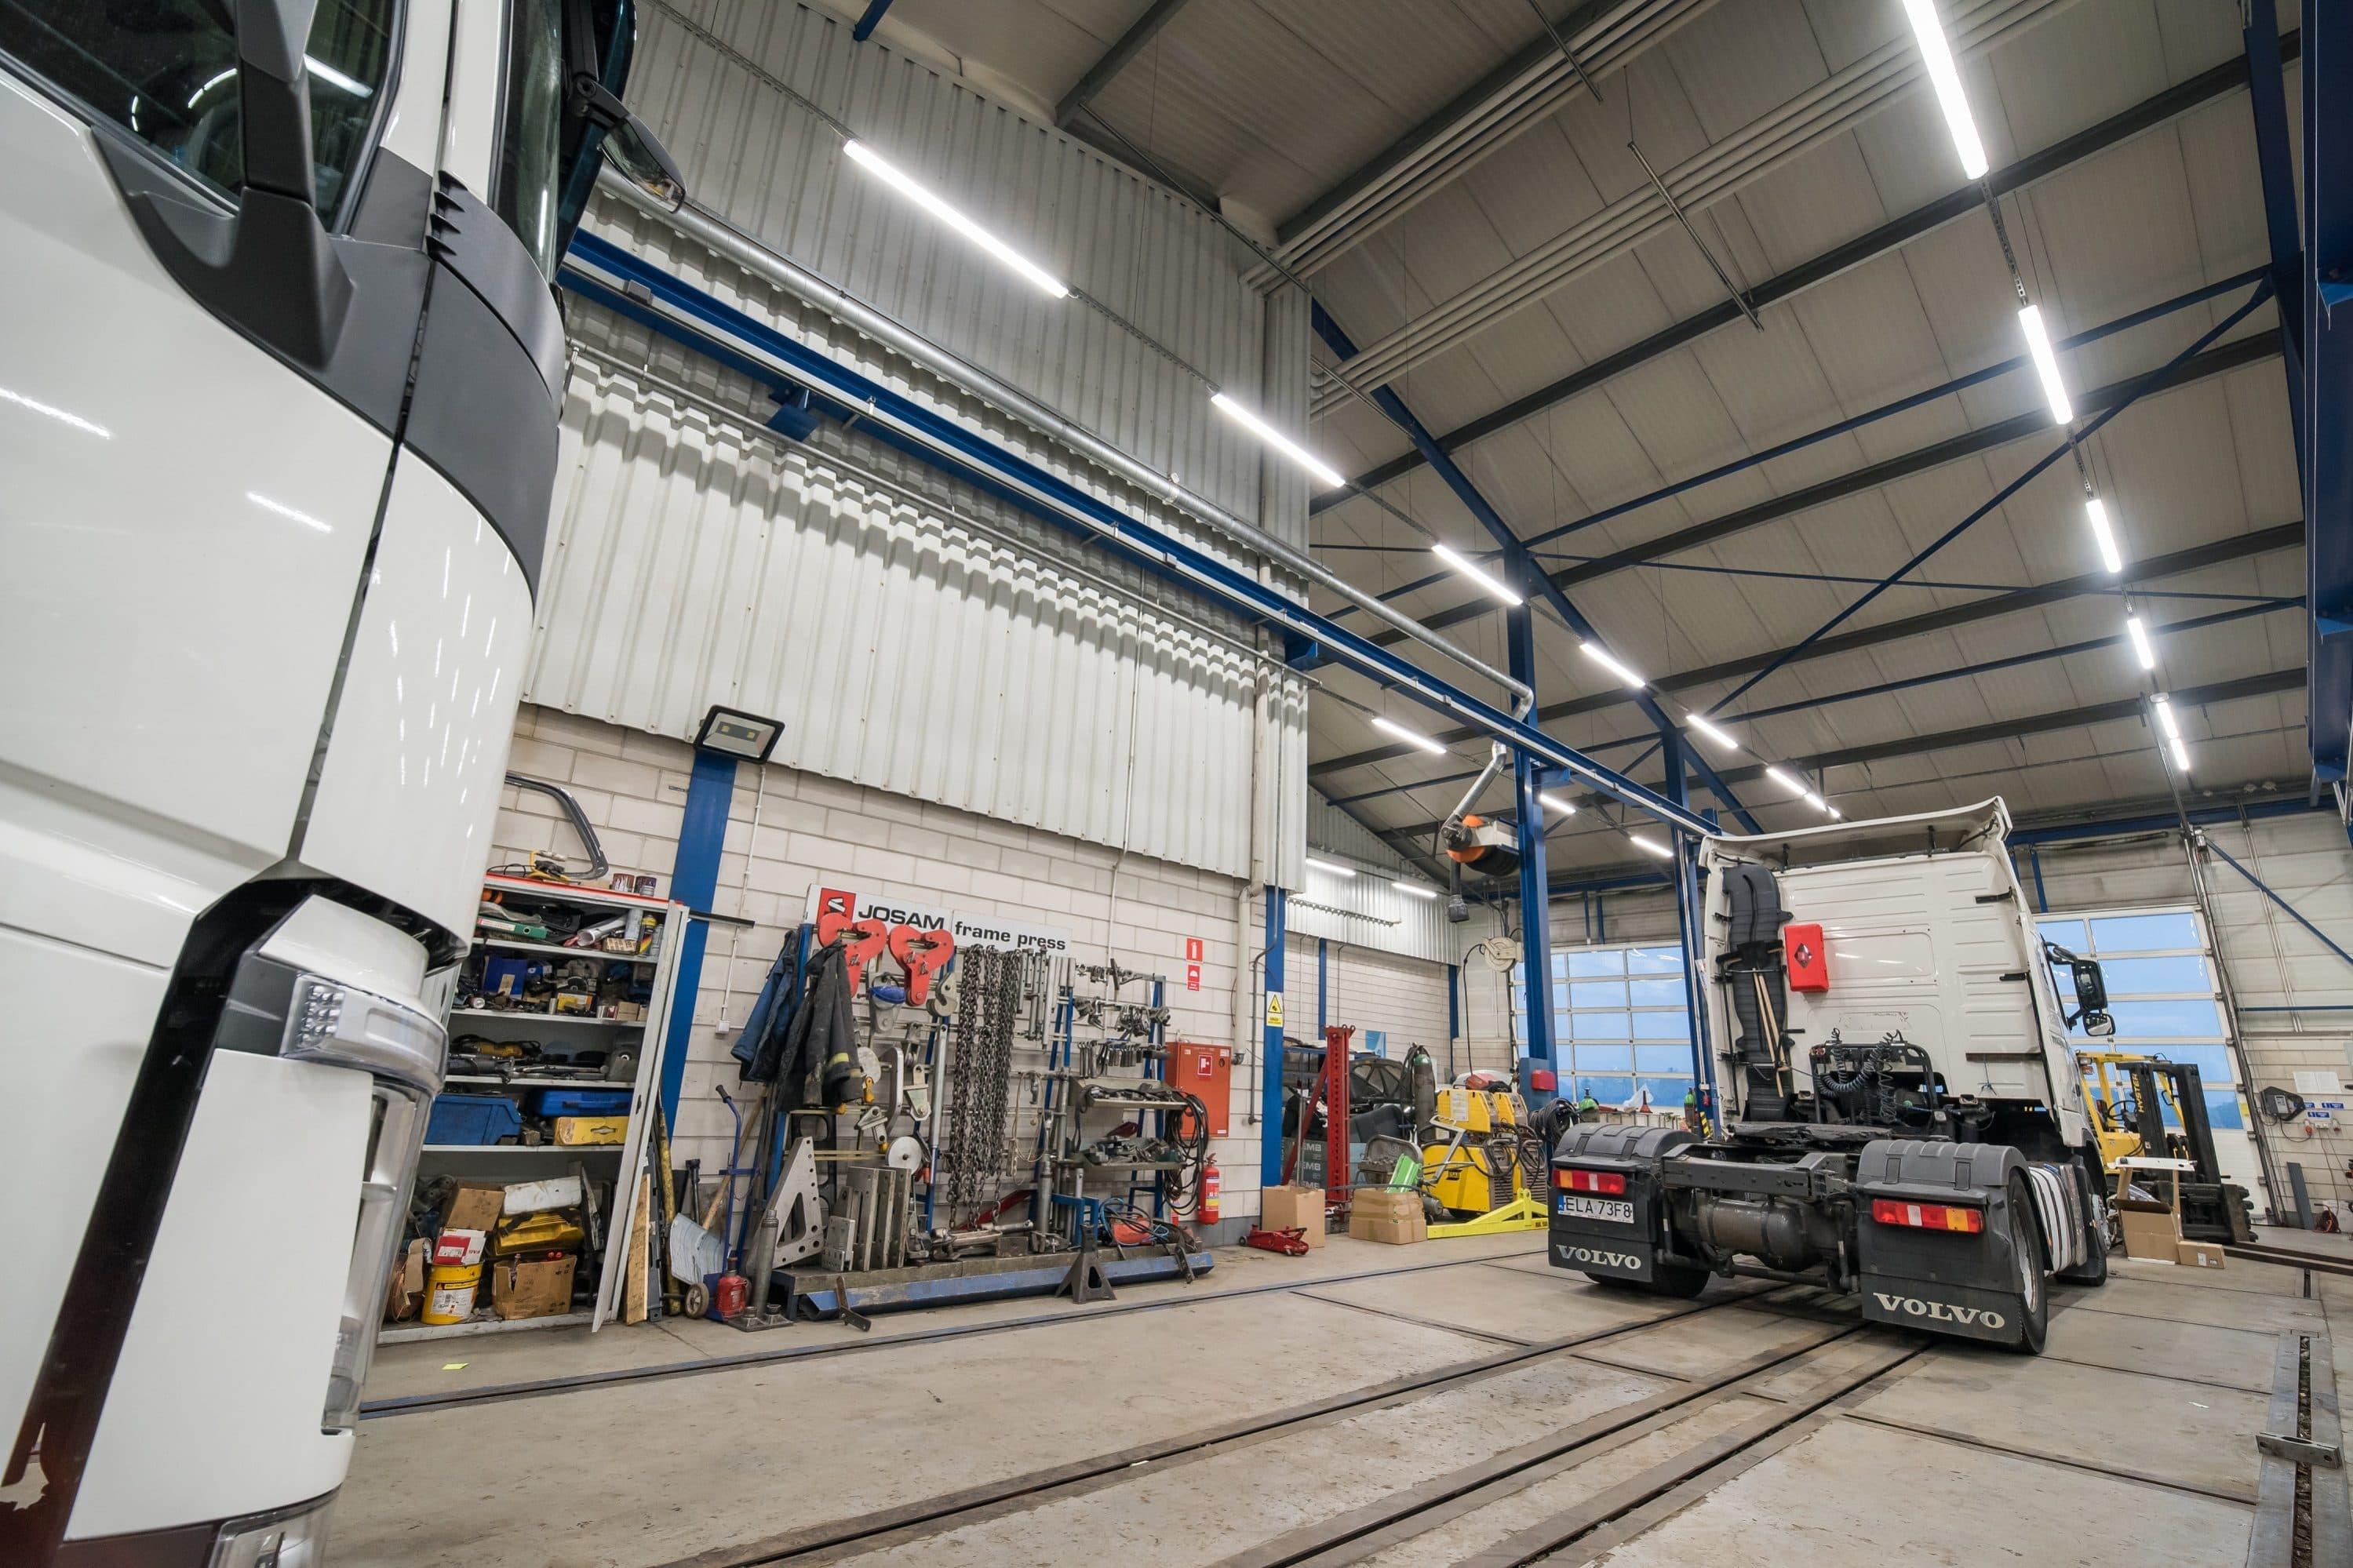 Oprawy Industrial w zakładzie Volvo - modernizacja oświetlenia przez firmę Luxon LED